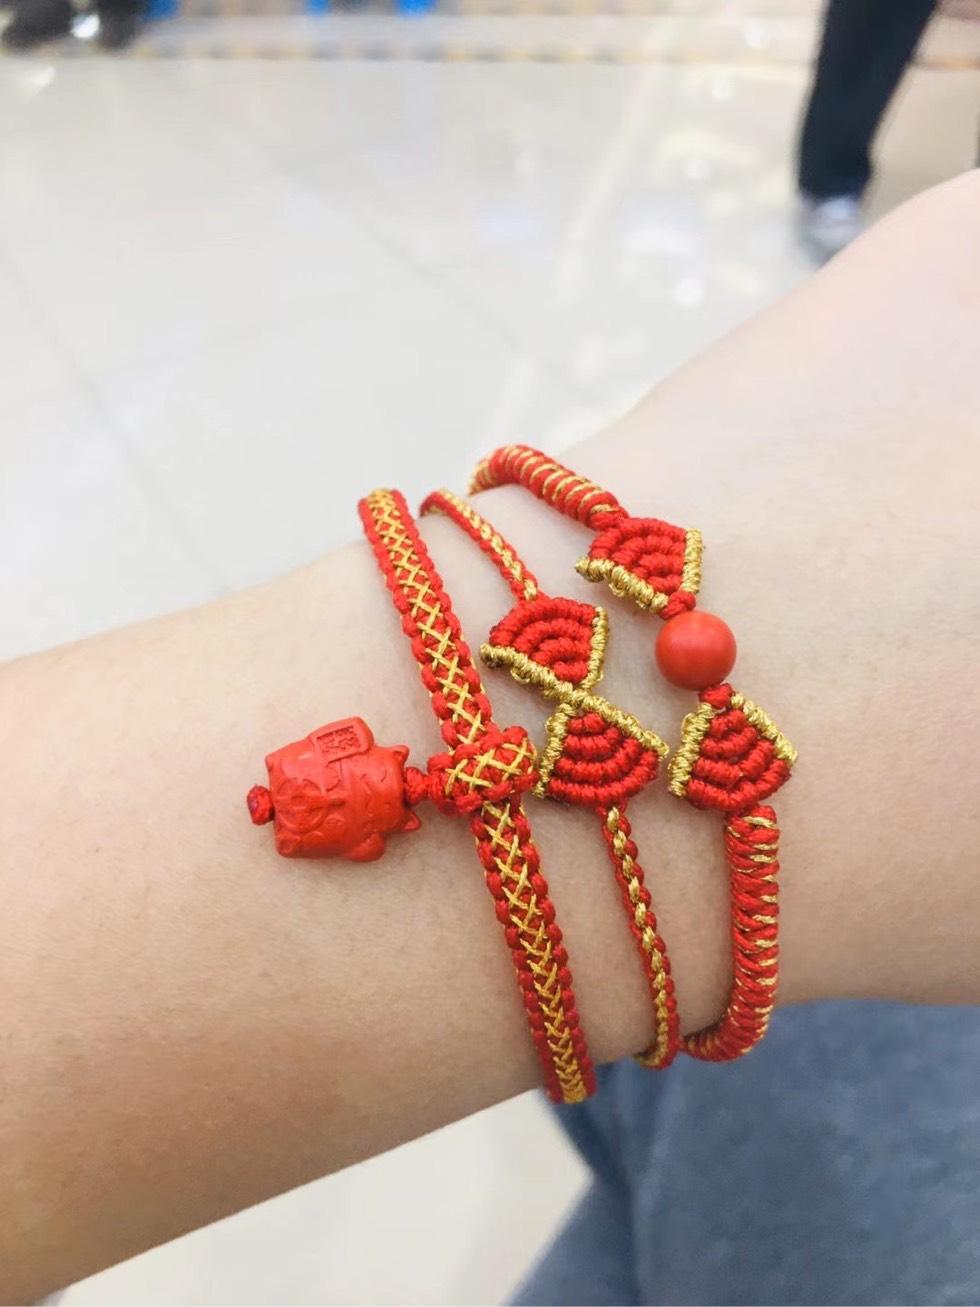 中国结论坛 平结加金线手绳简单编法 一根绳子编法大全简单,金线红绳手链编织,二根绳子各种编法图解,平结加金线的编法,绕金线手链编法 图文教程区 205448s5qvv5dz2clvs4qv